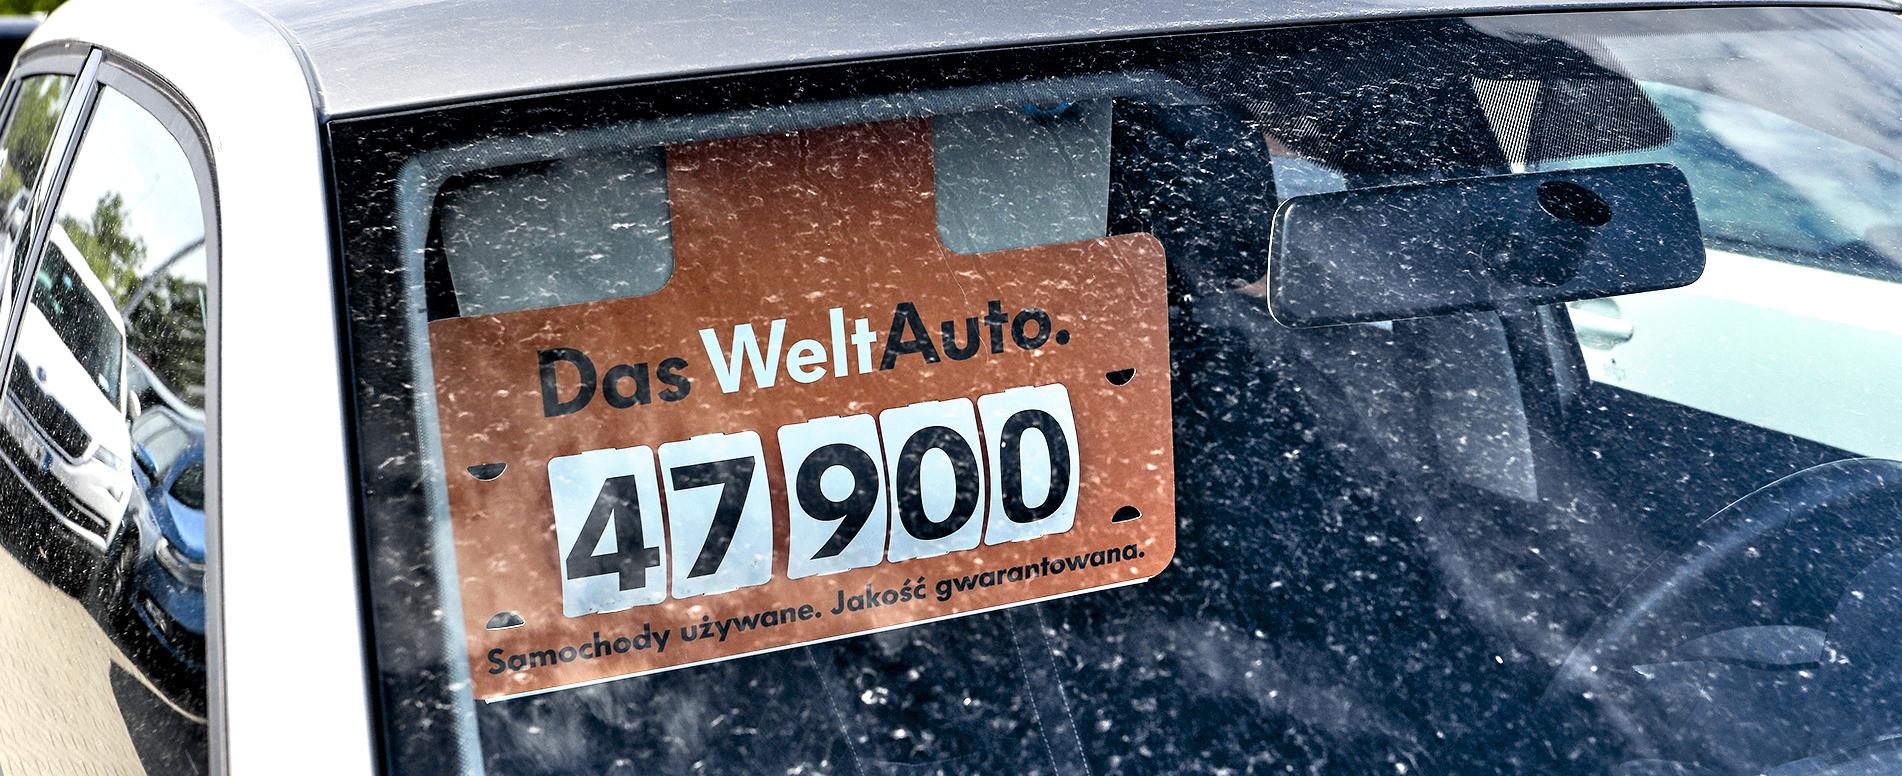 Wywieszka Das Welt Auto autokomis